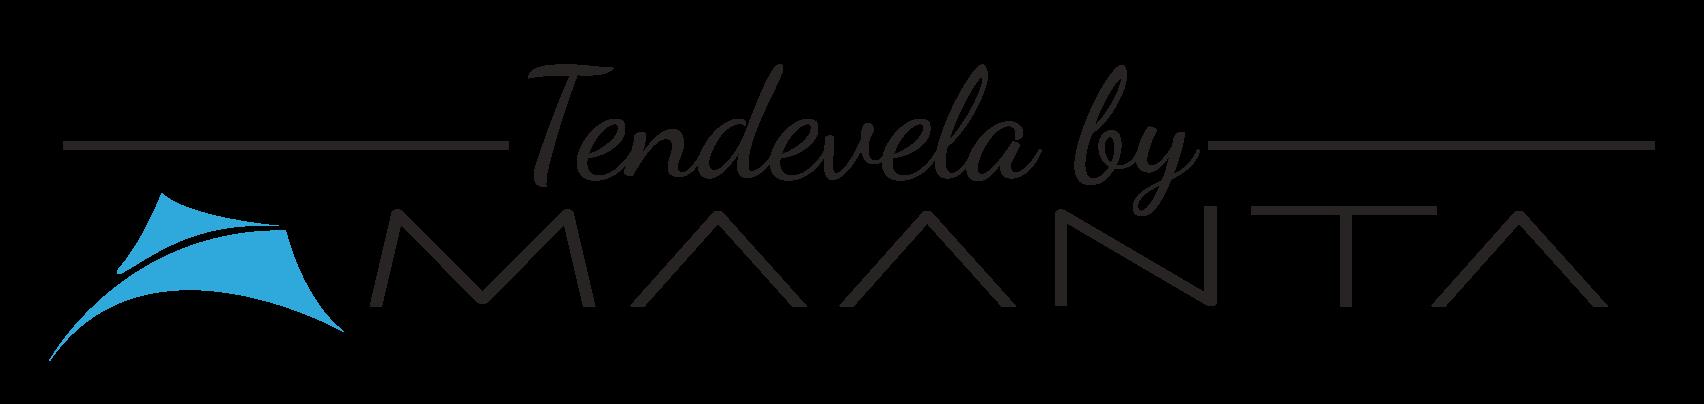 Tendevela by Maanta